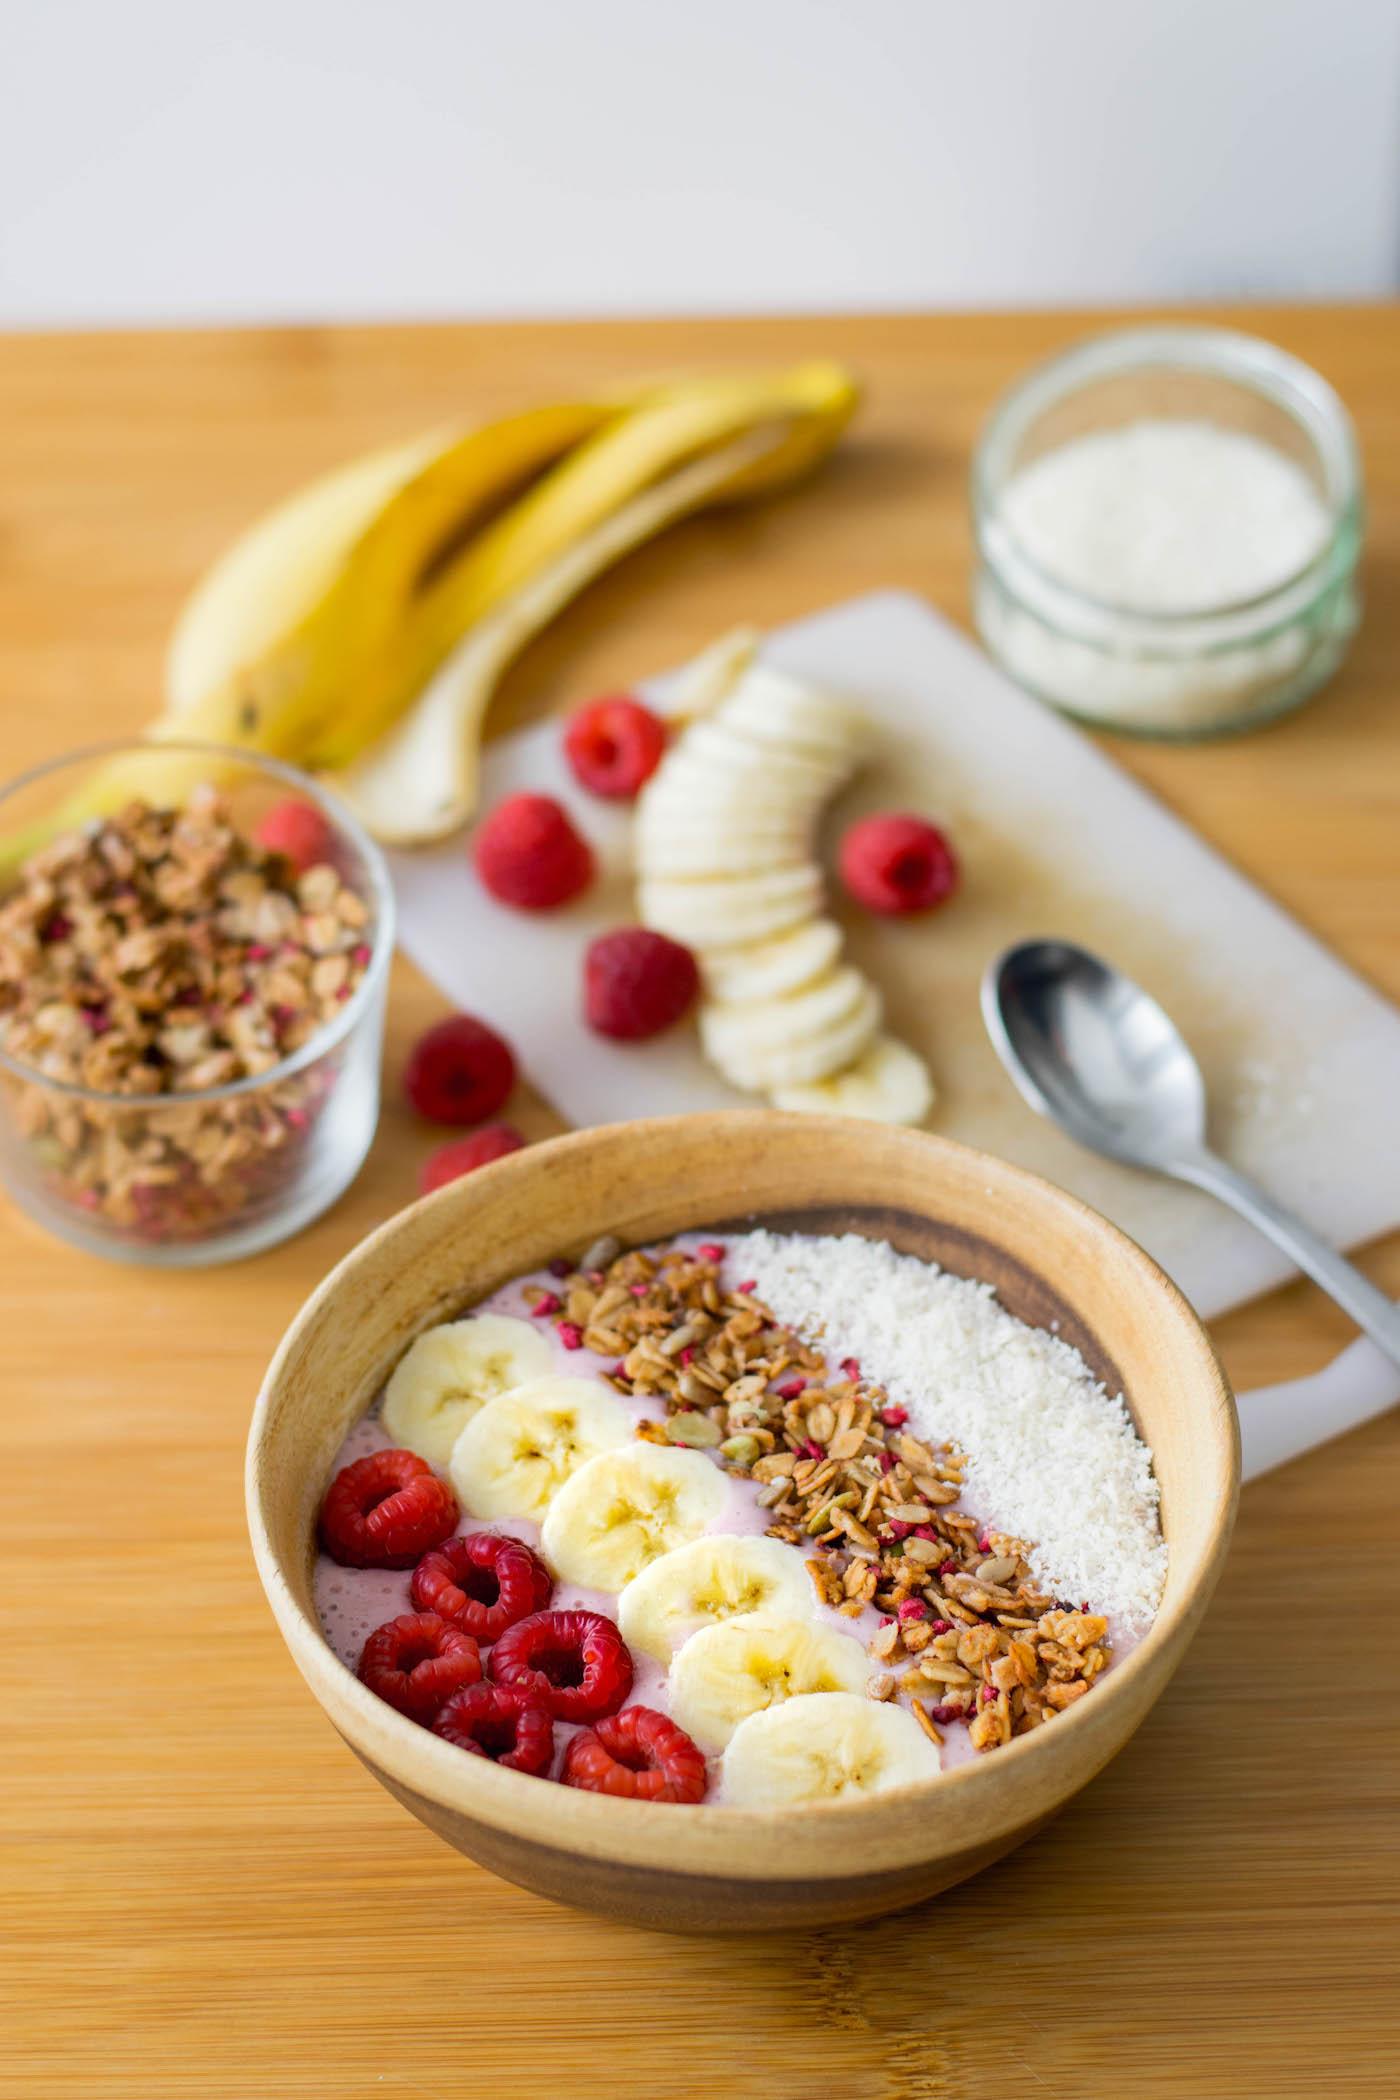 smoothie-bowl-framboise-1.jpg